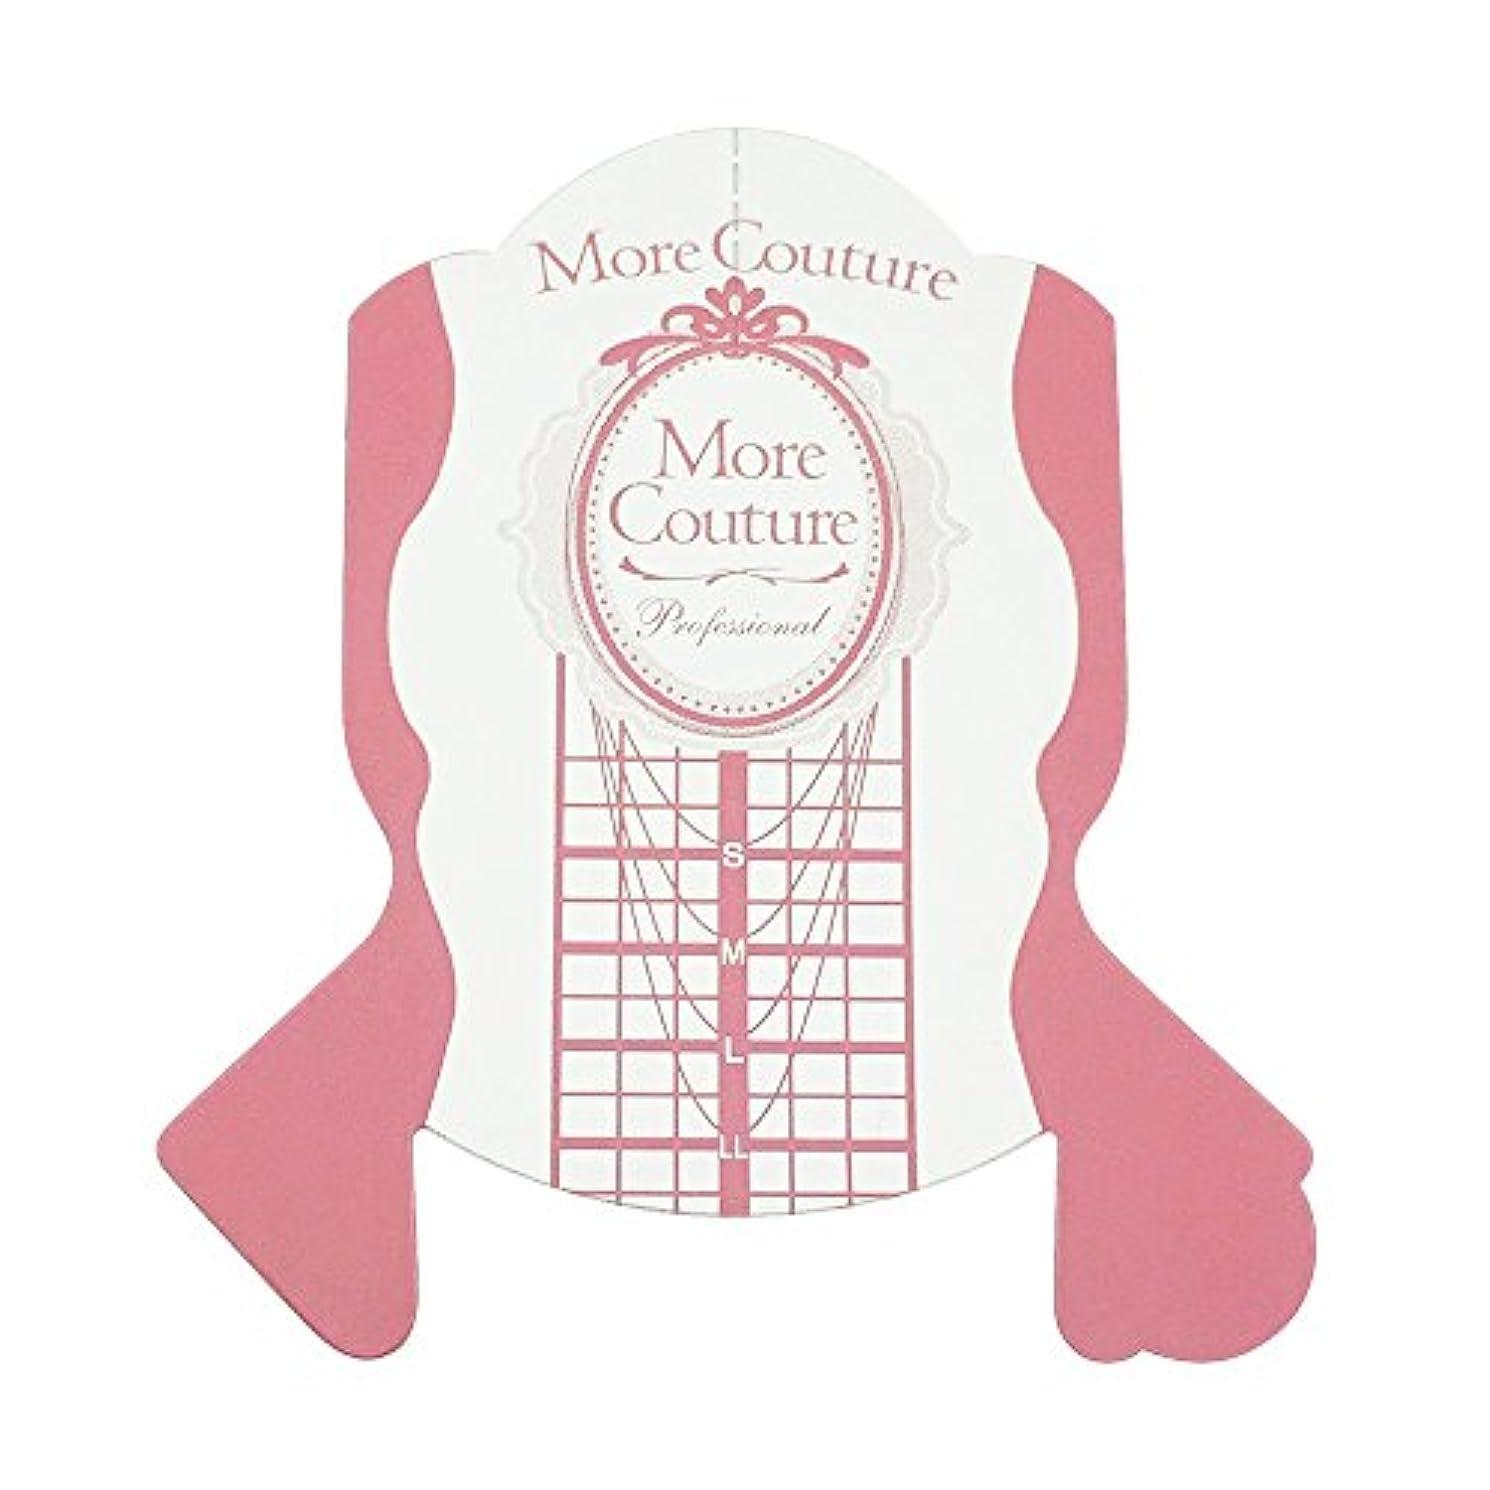 きょうだい全部言及するMore Couture p ピンクフォーム 100枚 ネイルフォーム